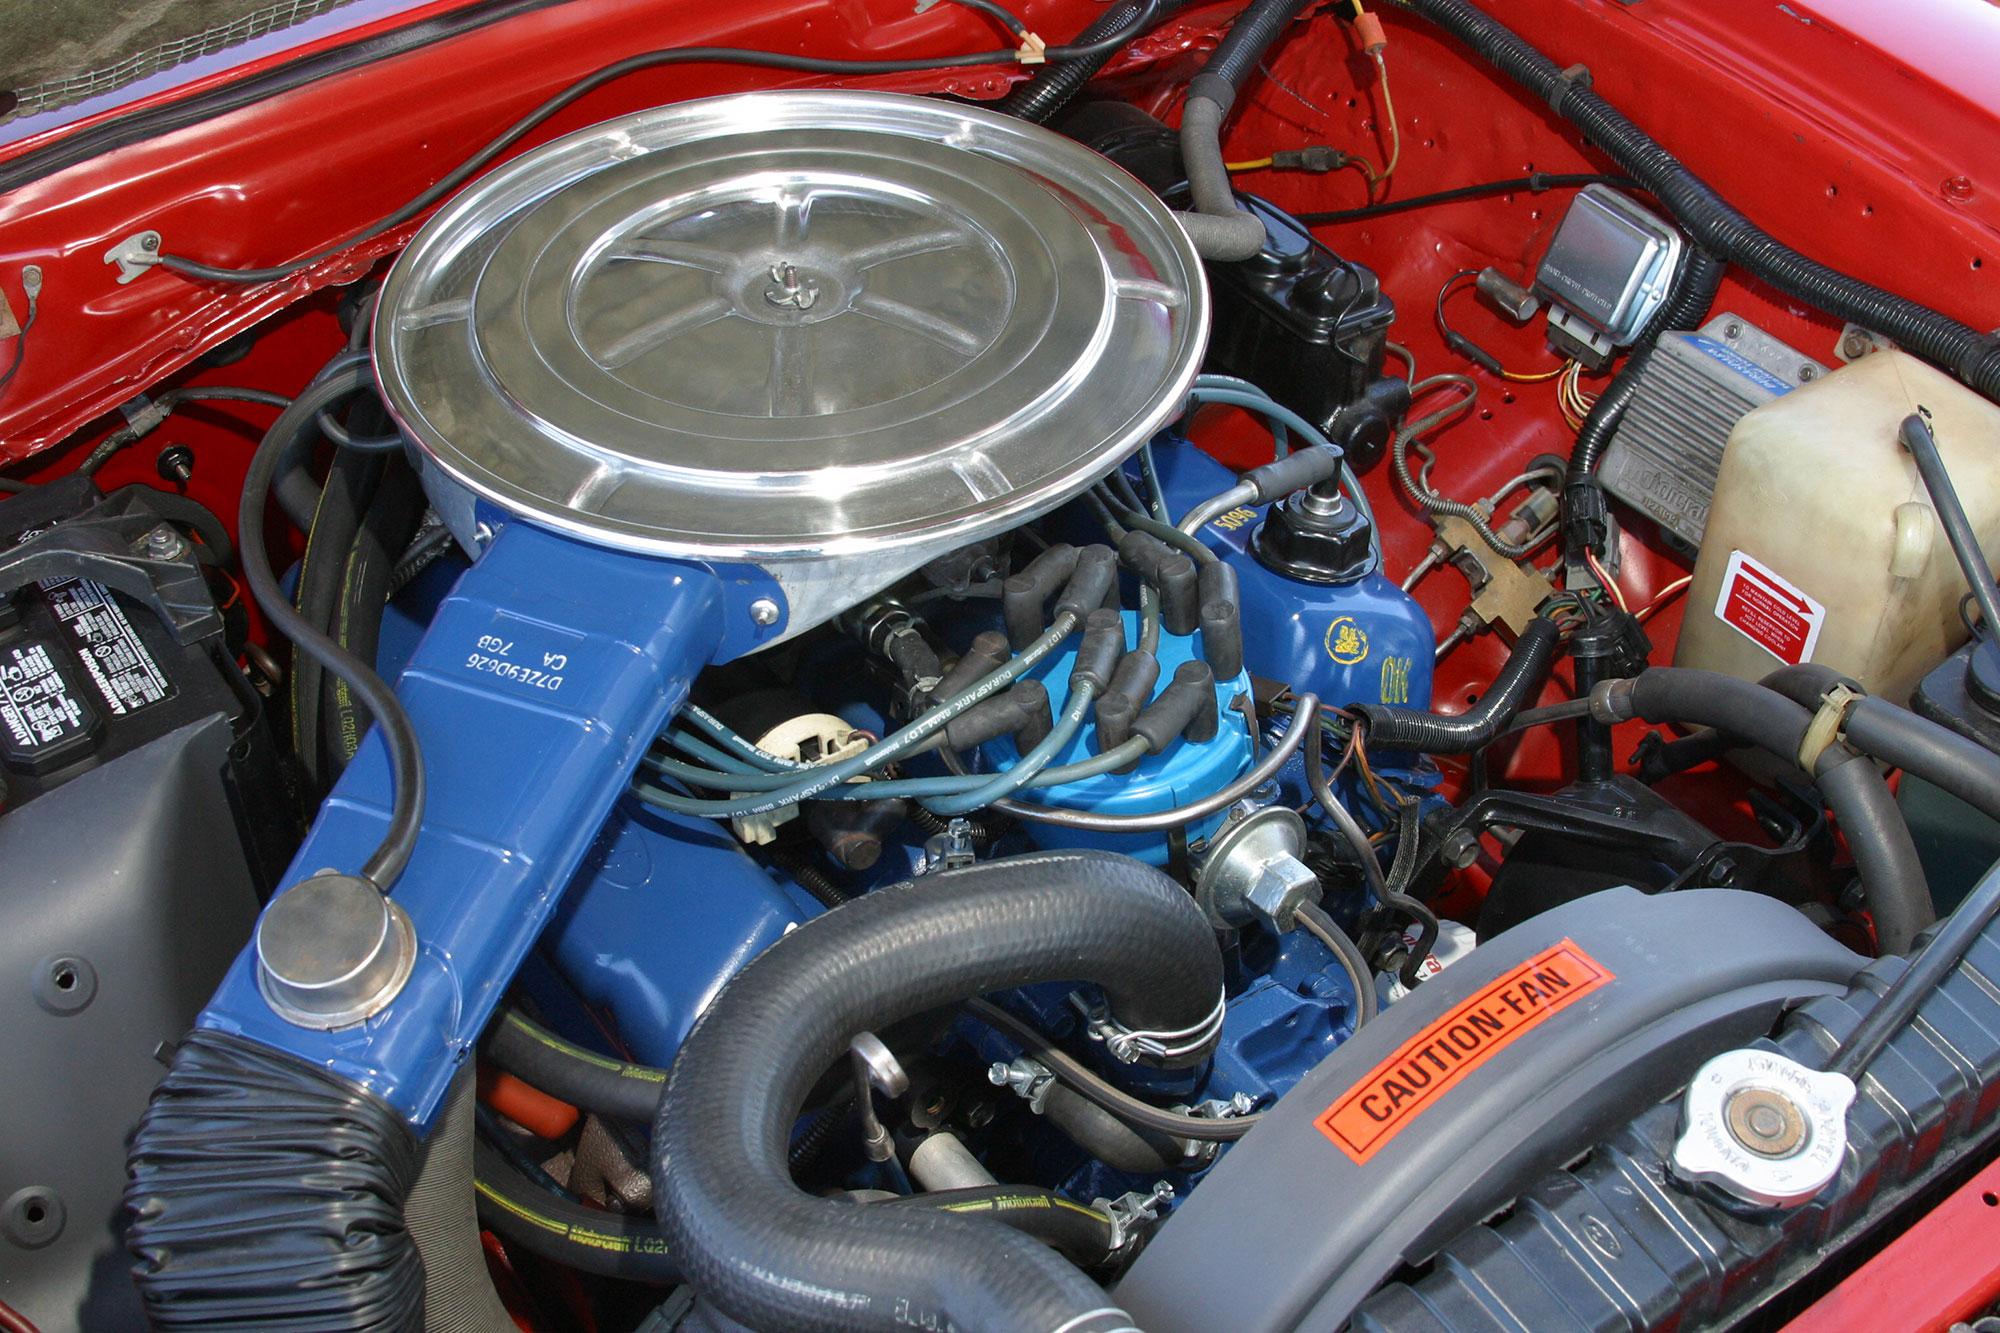 Mustang II 302 engine